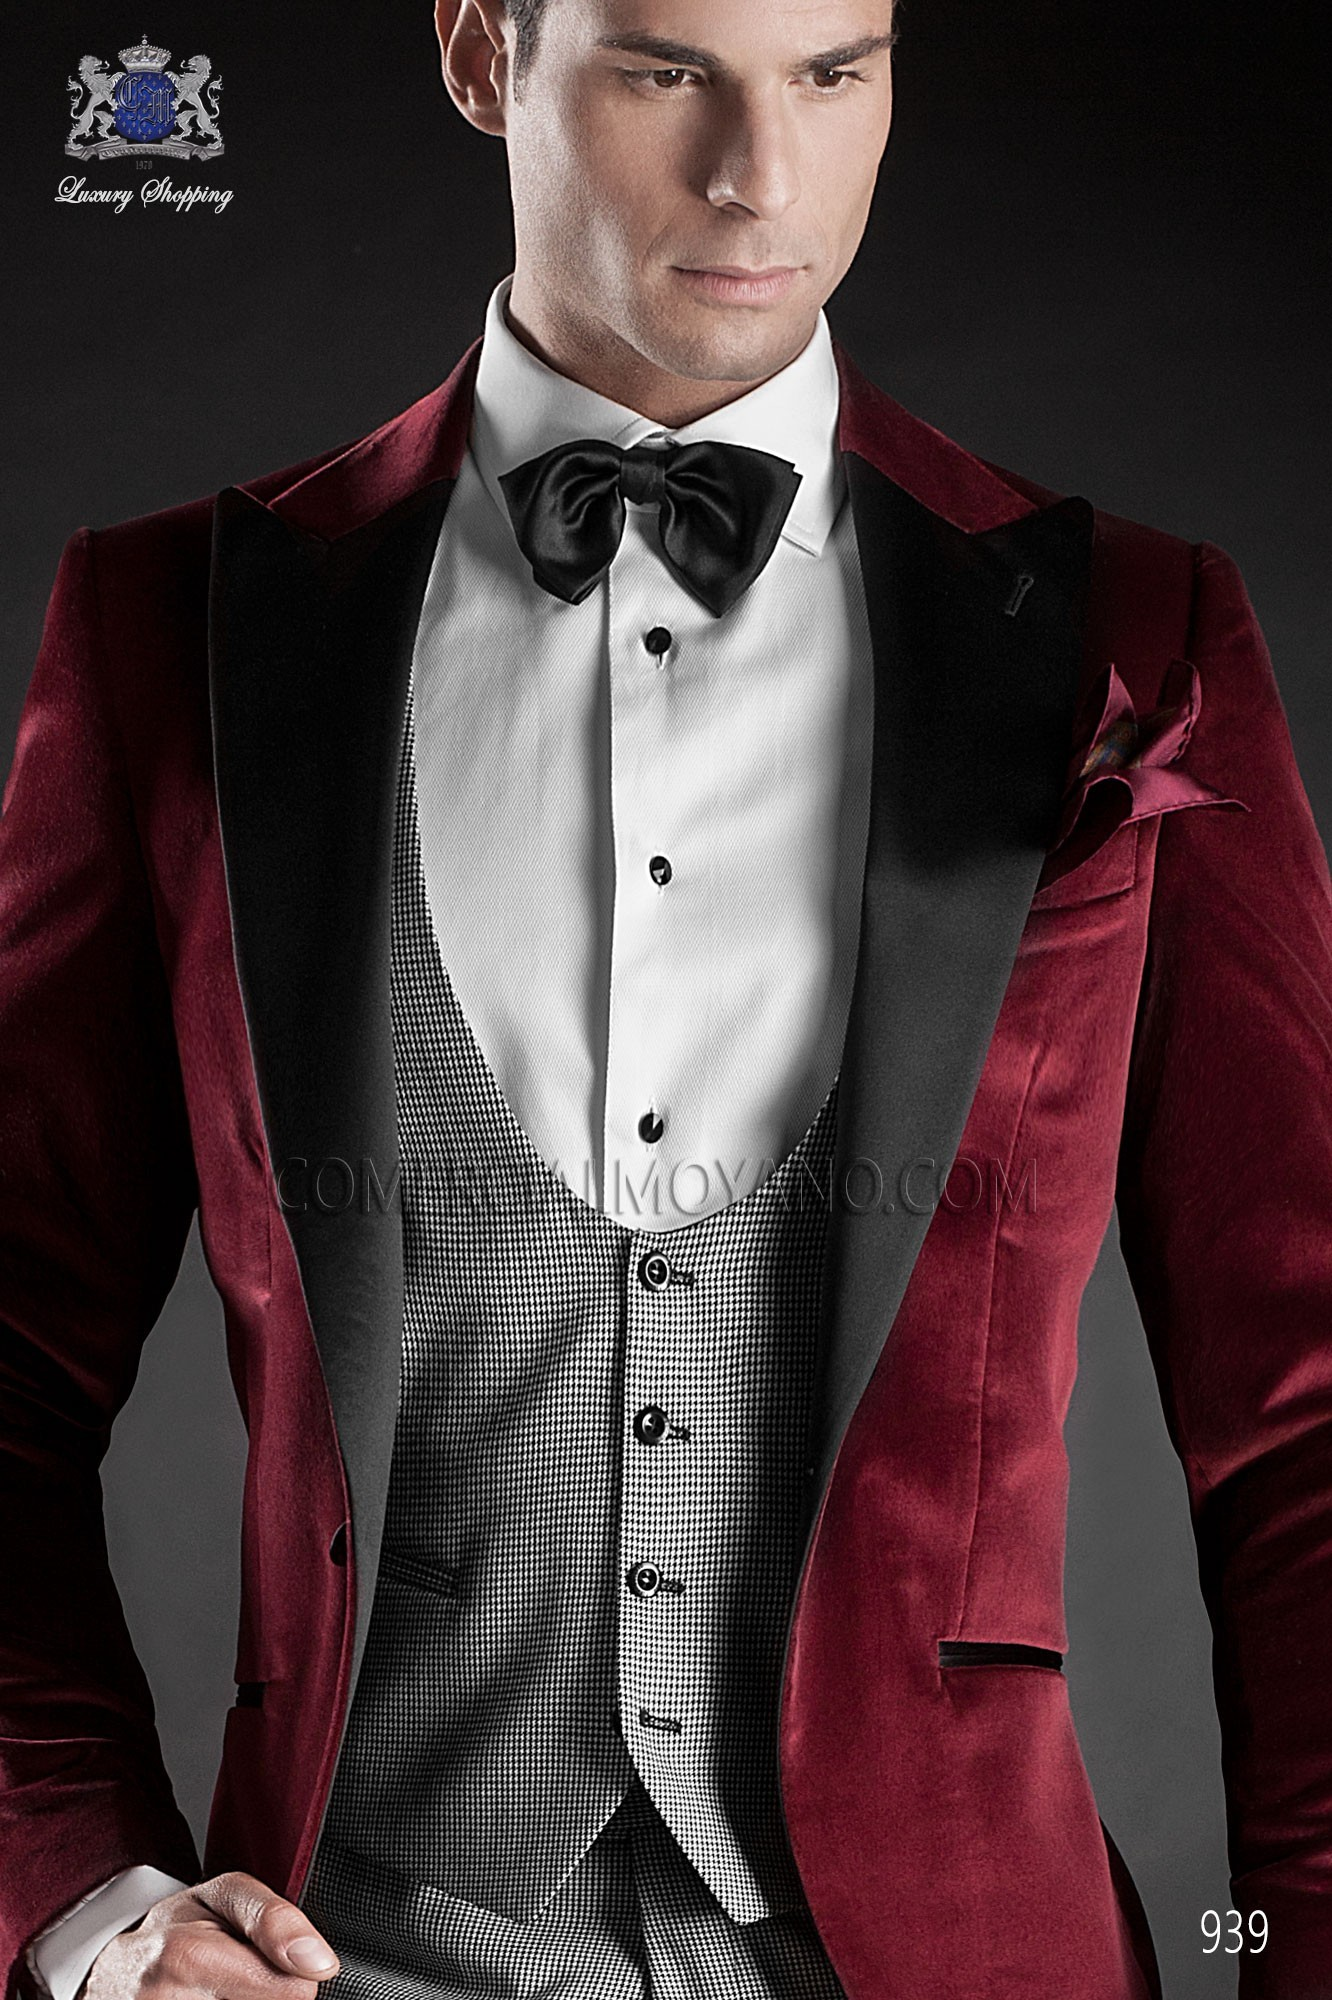 Italian blacktie red men wedding suit, model: 939 Ottavio Nuccio Gala 2017 Black Tie Collection